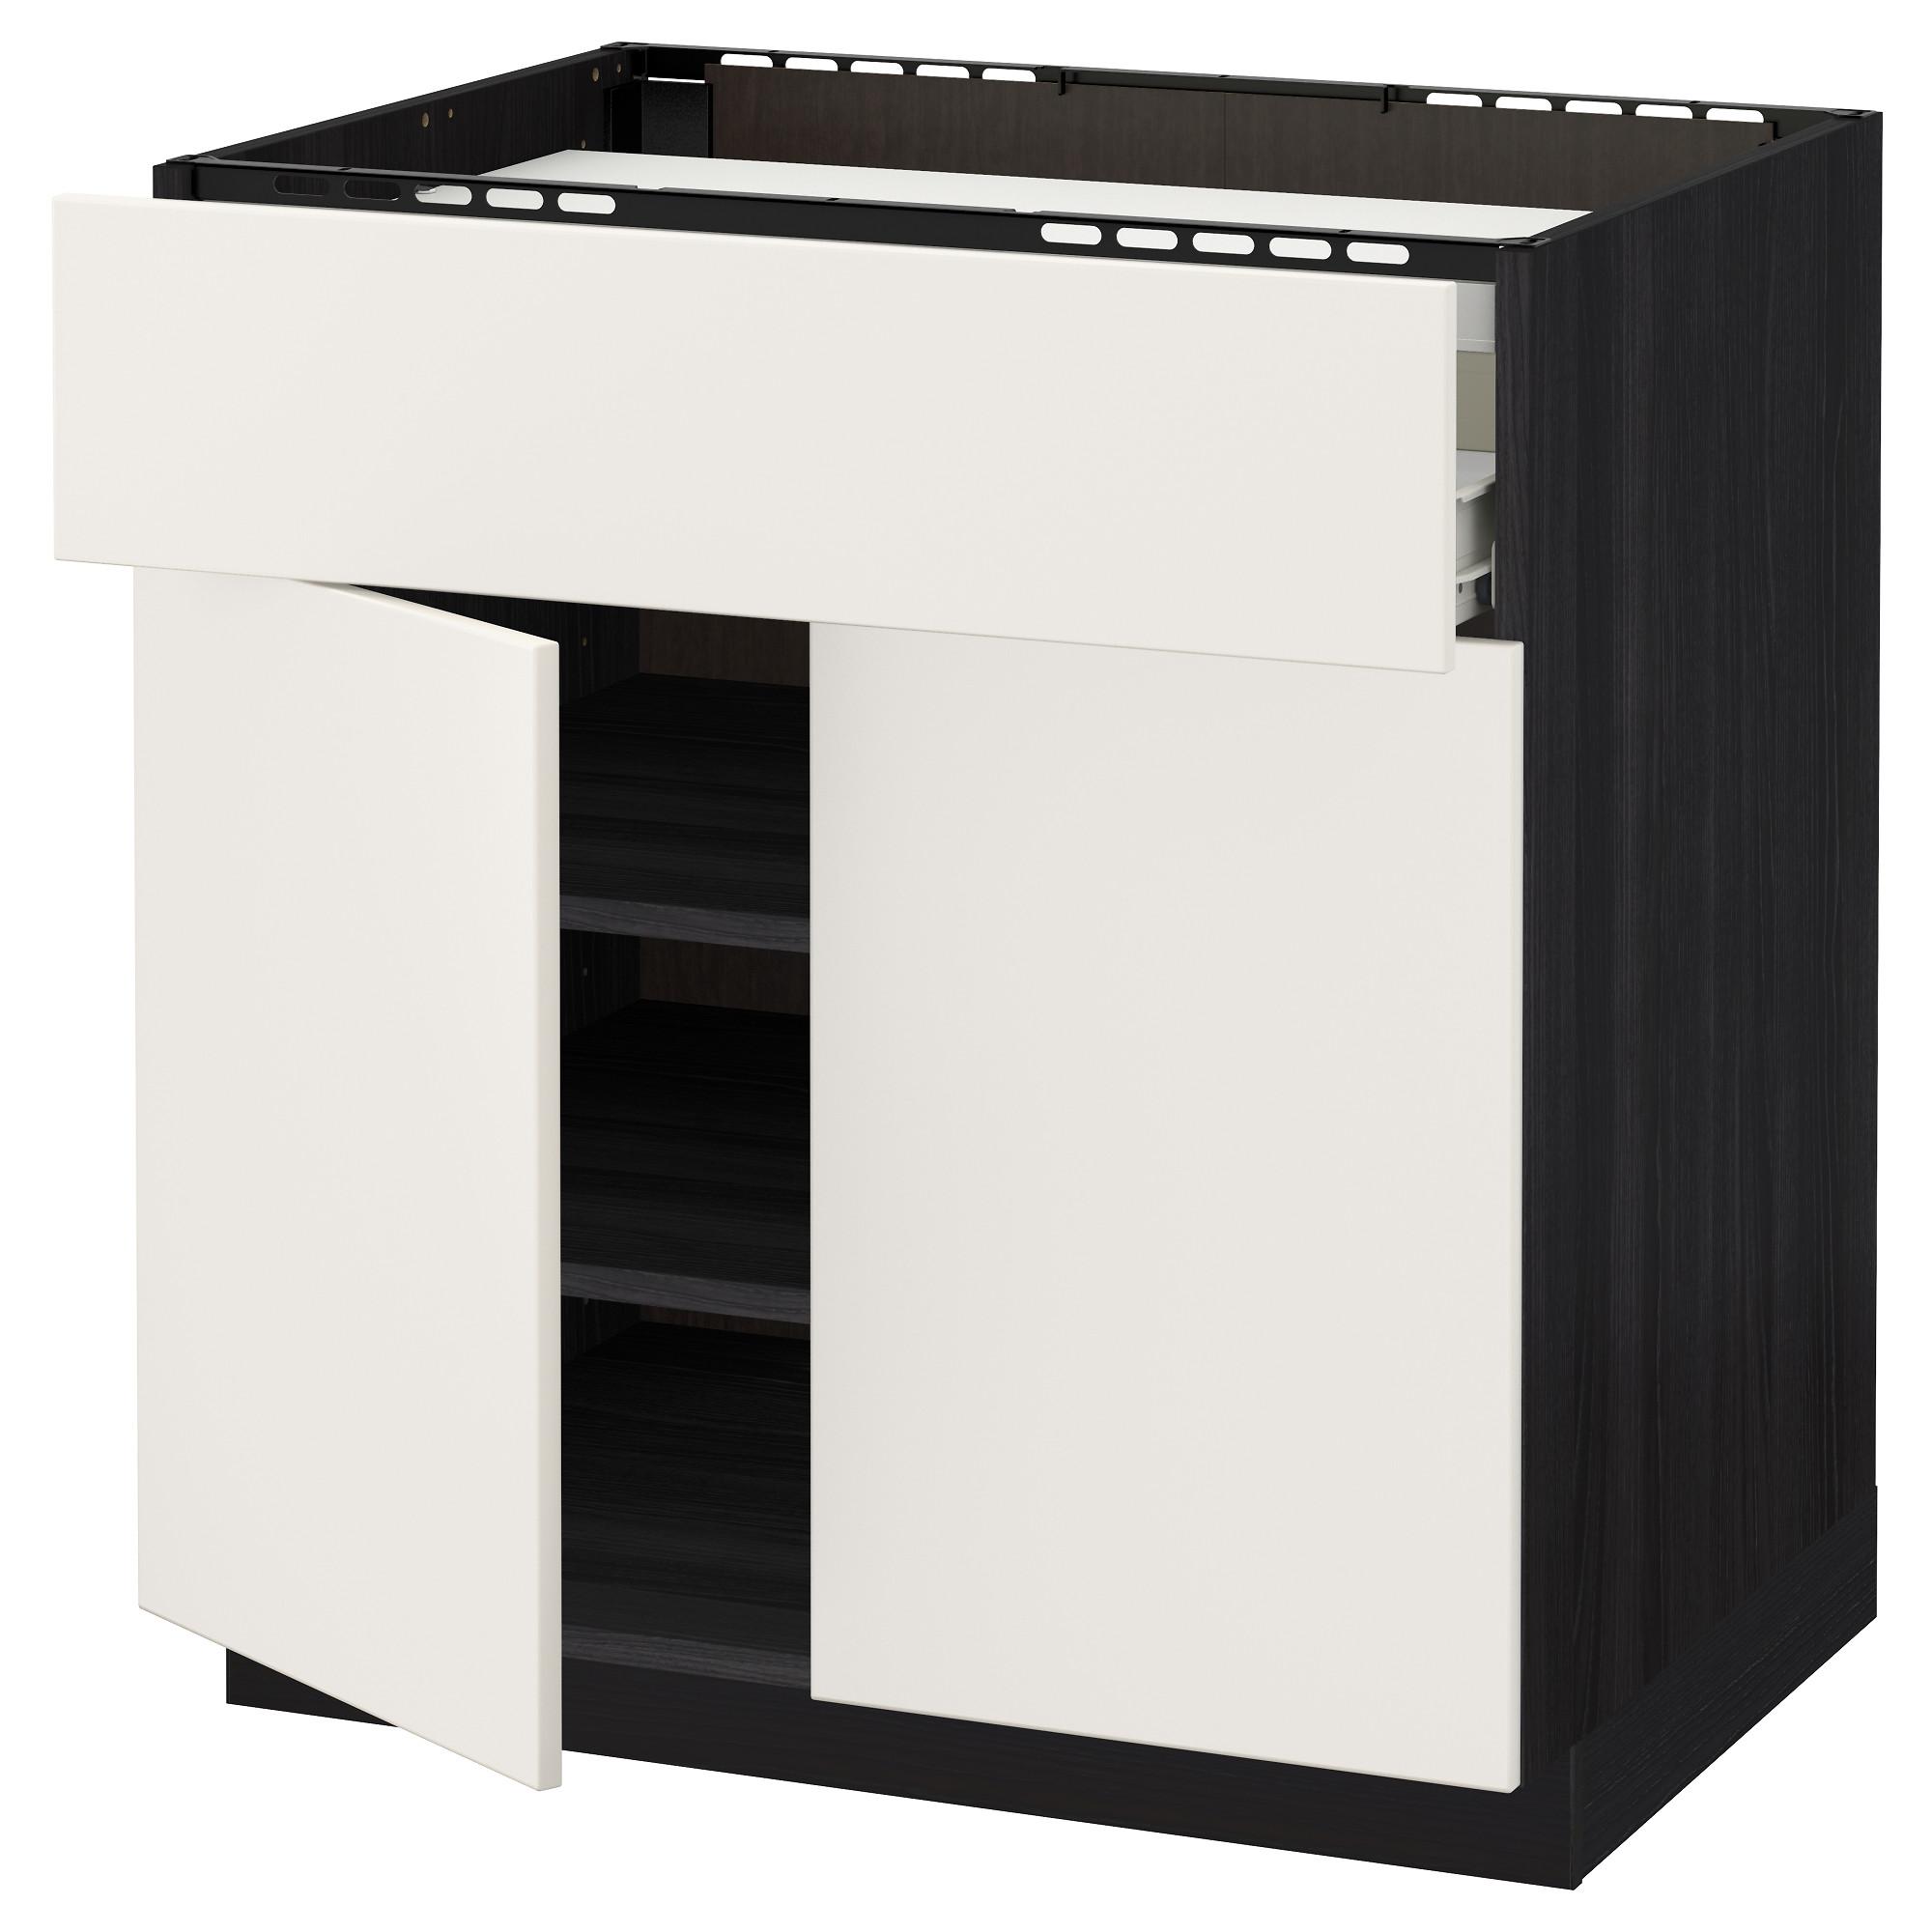 Напольный шкаф для варочной панели, ящик, полка, 2 дверцы МЕТОД / ФОРВАРА черный артикуль № 592.624.29 в наличии. Онлайн каталог IKEA РБ. Недорогая доставка и установка.